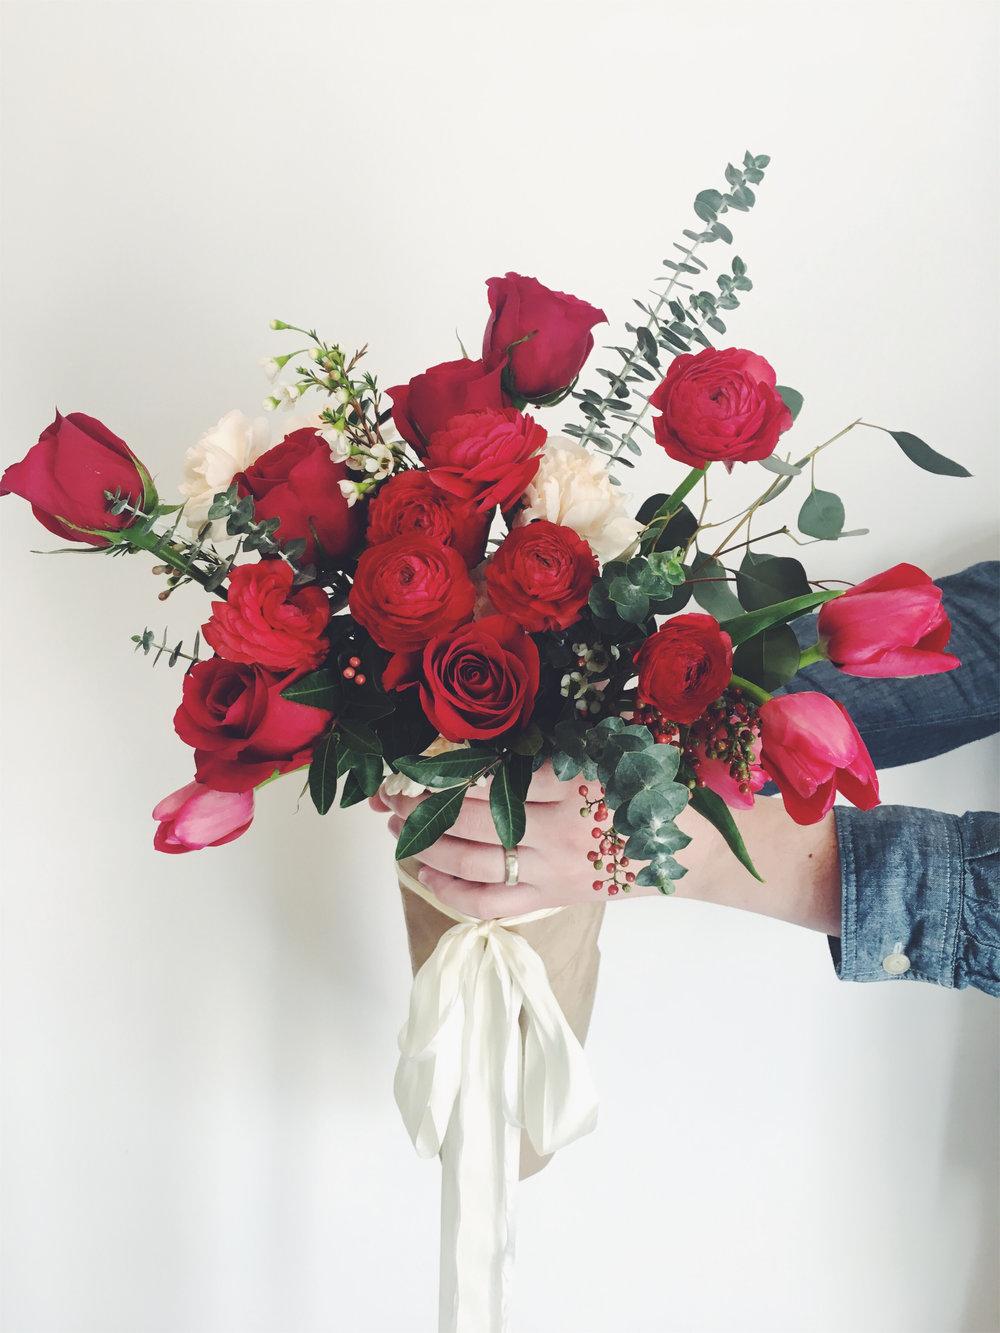 fresh flower valentine's day bouquet at pop up shop